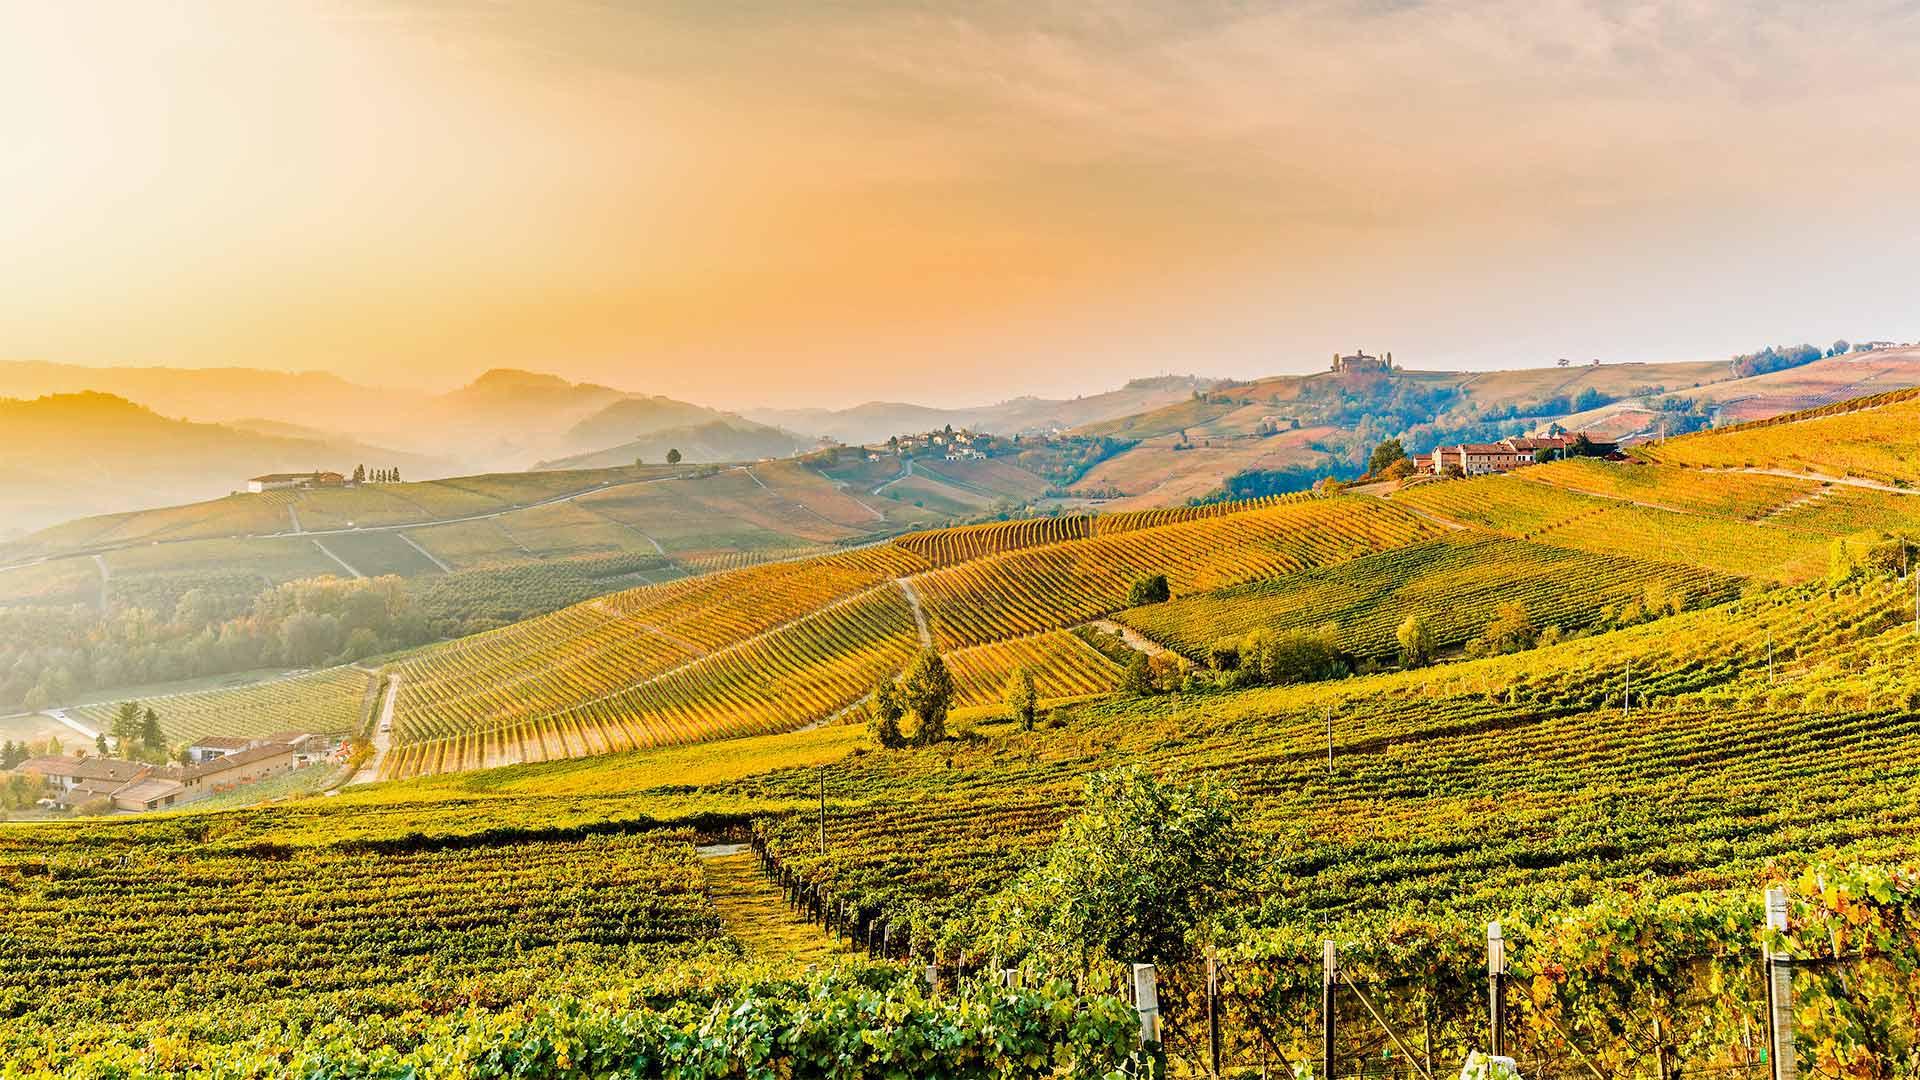 「バローロのワインヤード」イタリア, ピエモンテ州 (© Marco Arduino/eStock Photo)